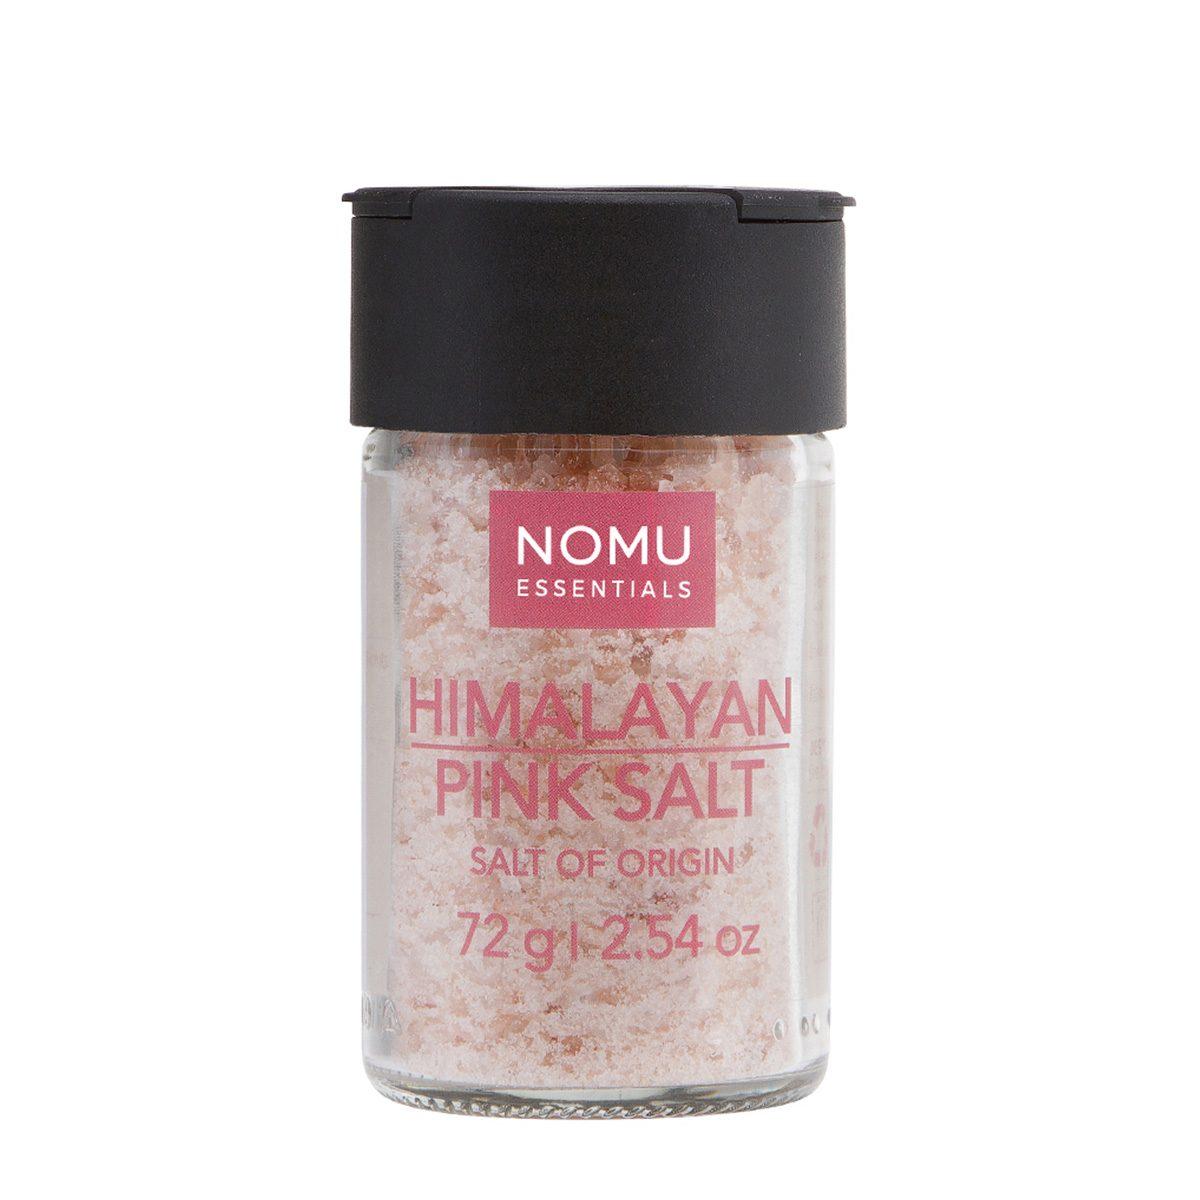 Himalayan-Pink-Salt